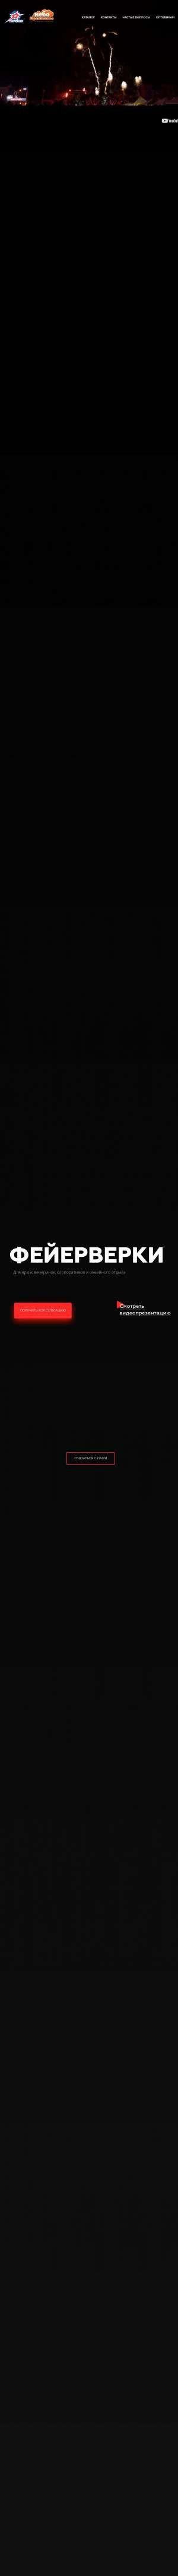 Предпросмотр для pirocom.pro — Оранжевое небо